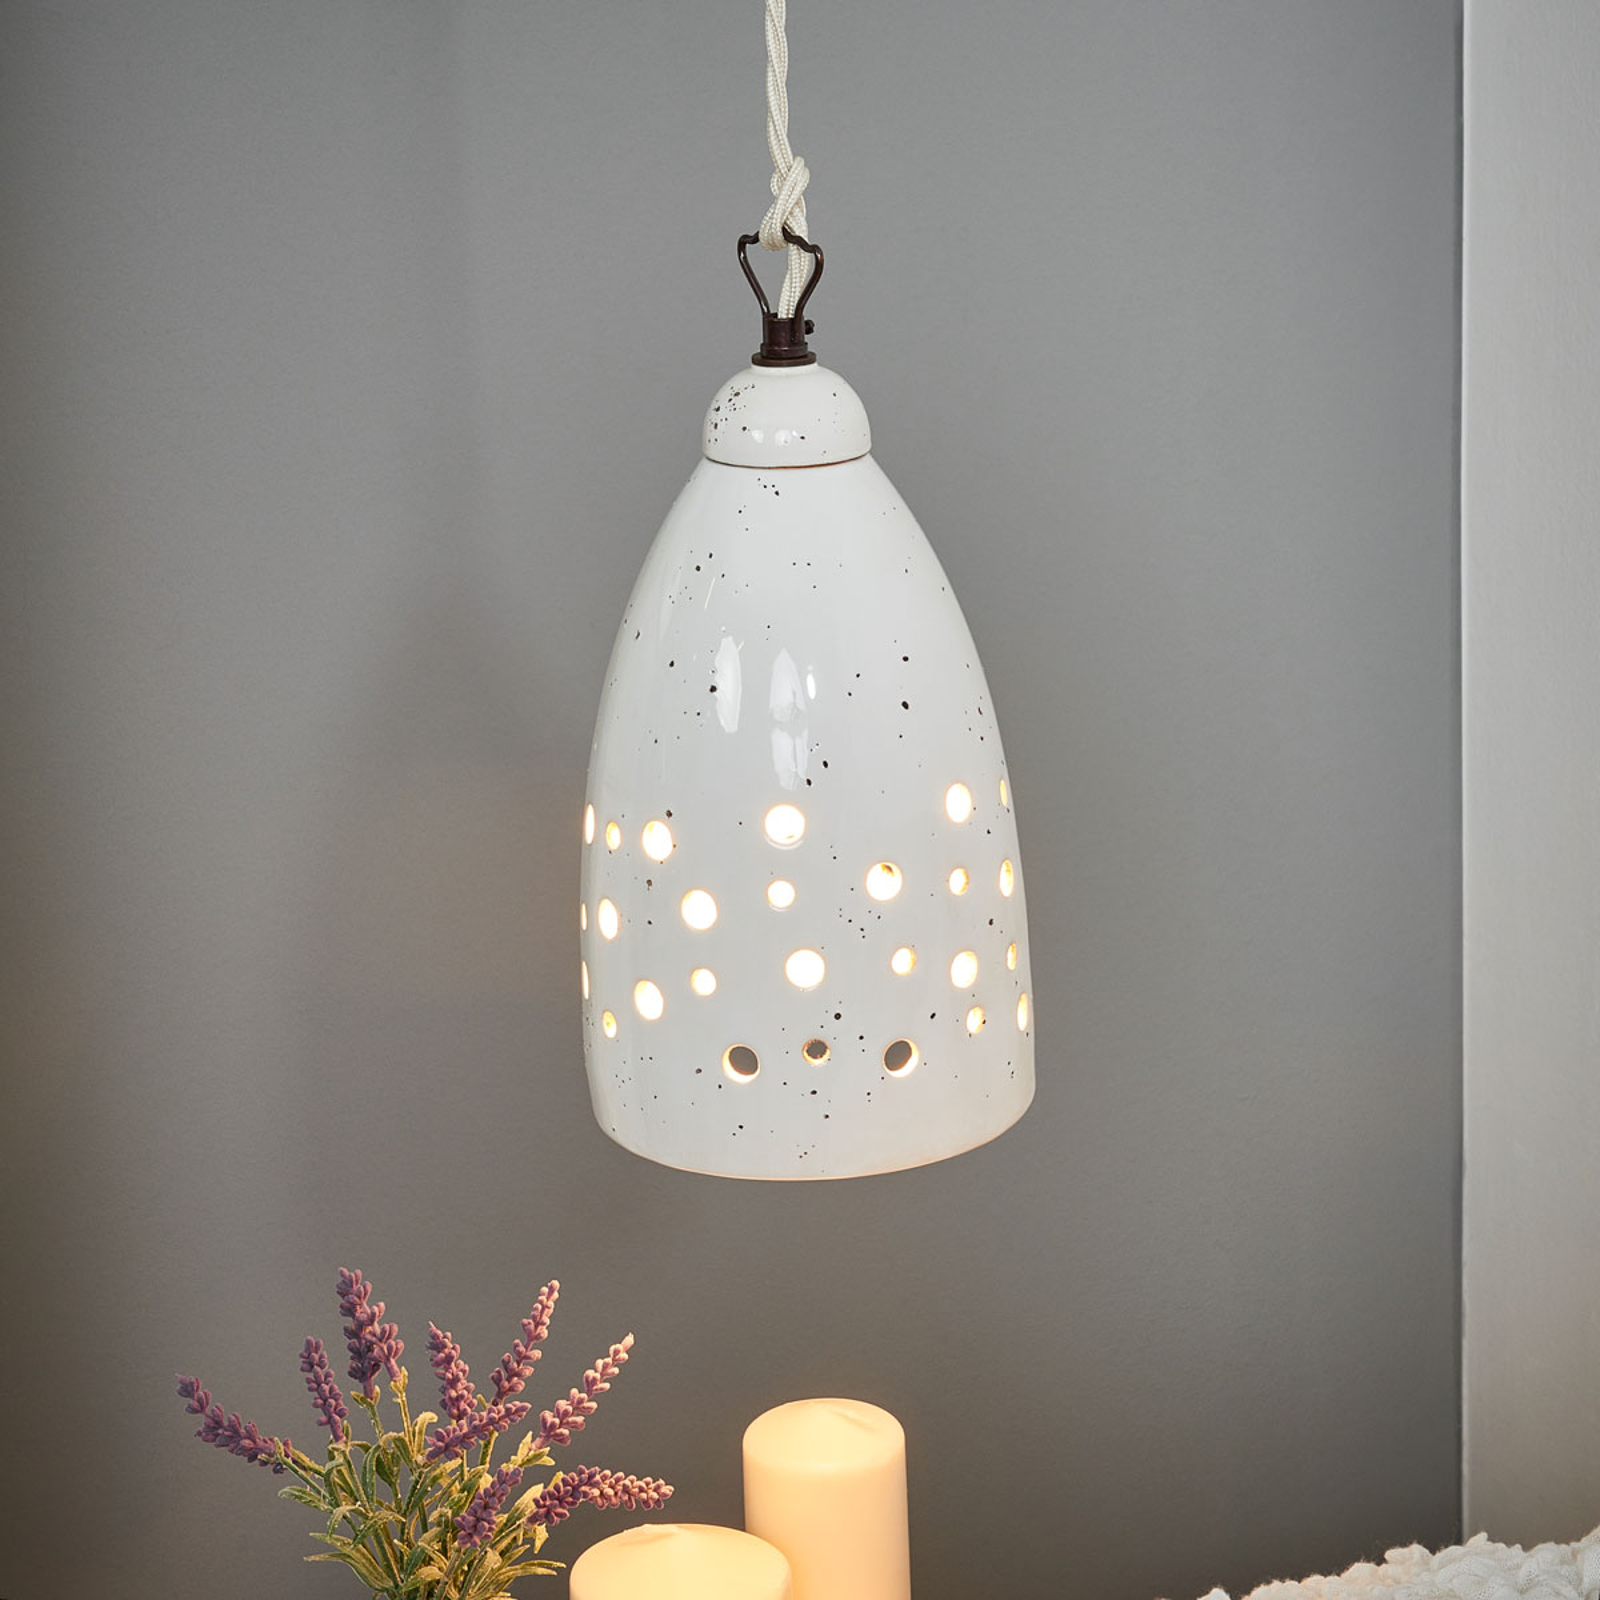 Nedadstrålende hængelampe i keramik Gisella